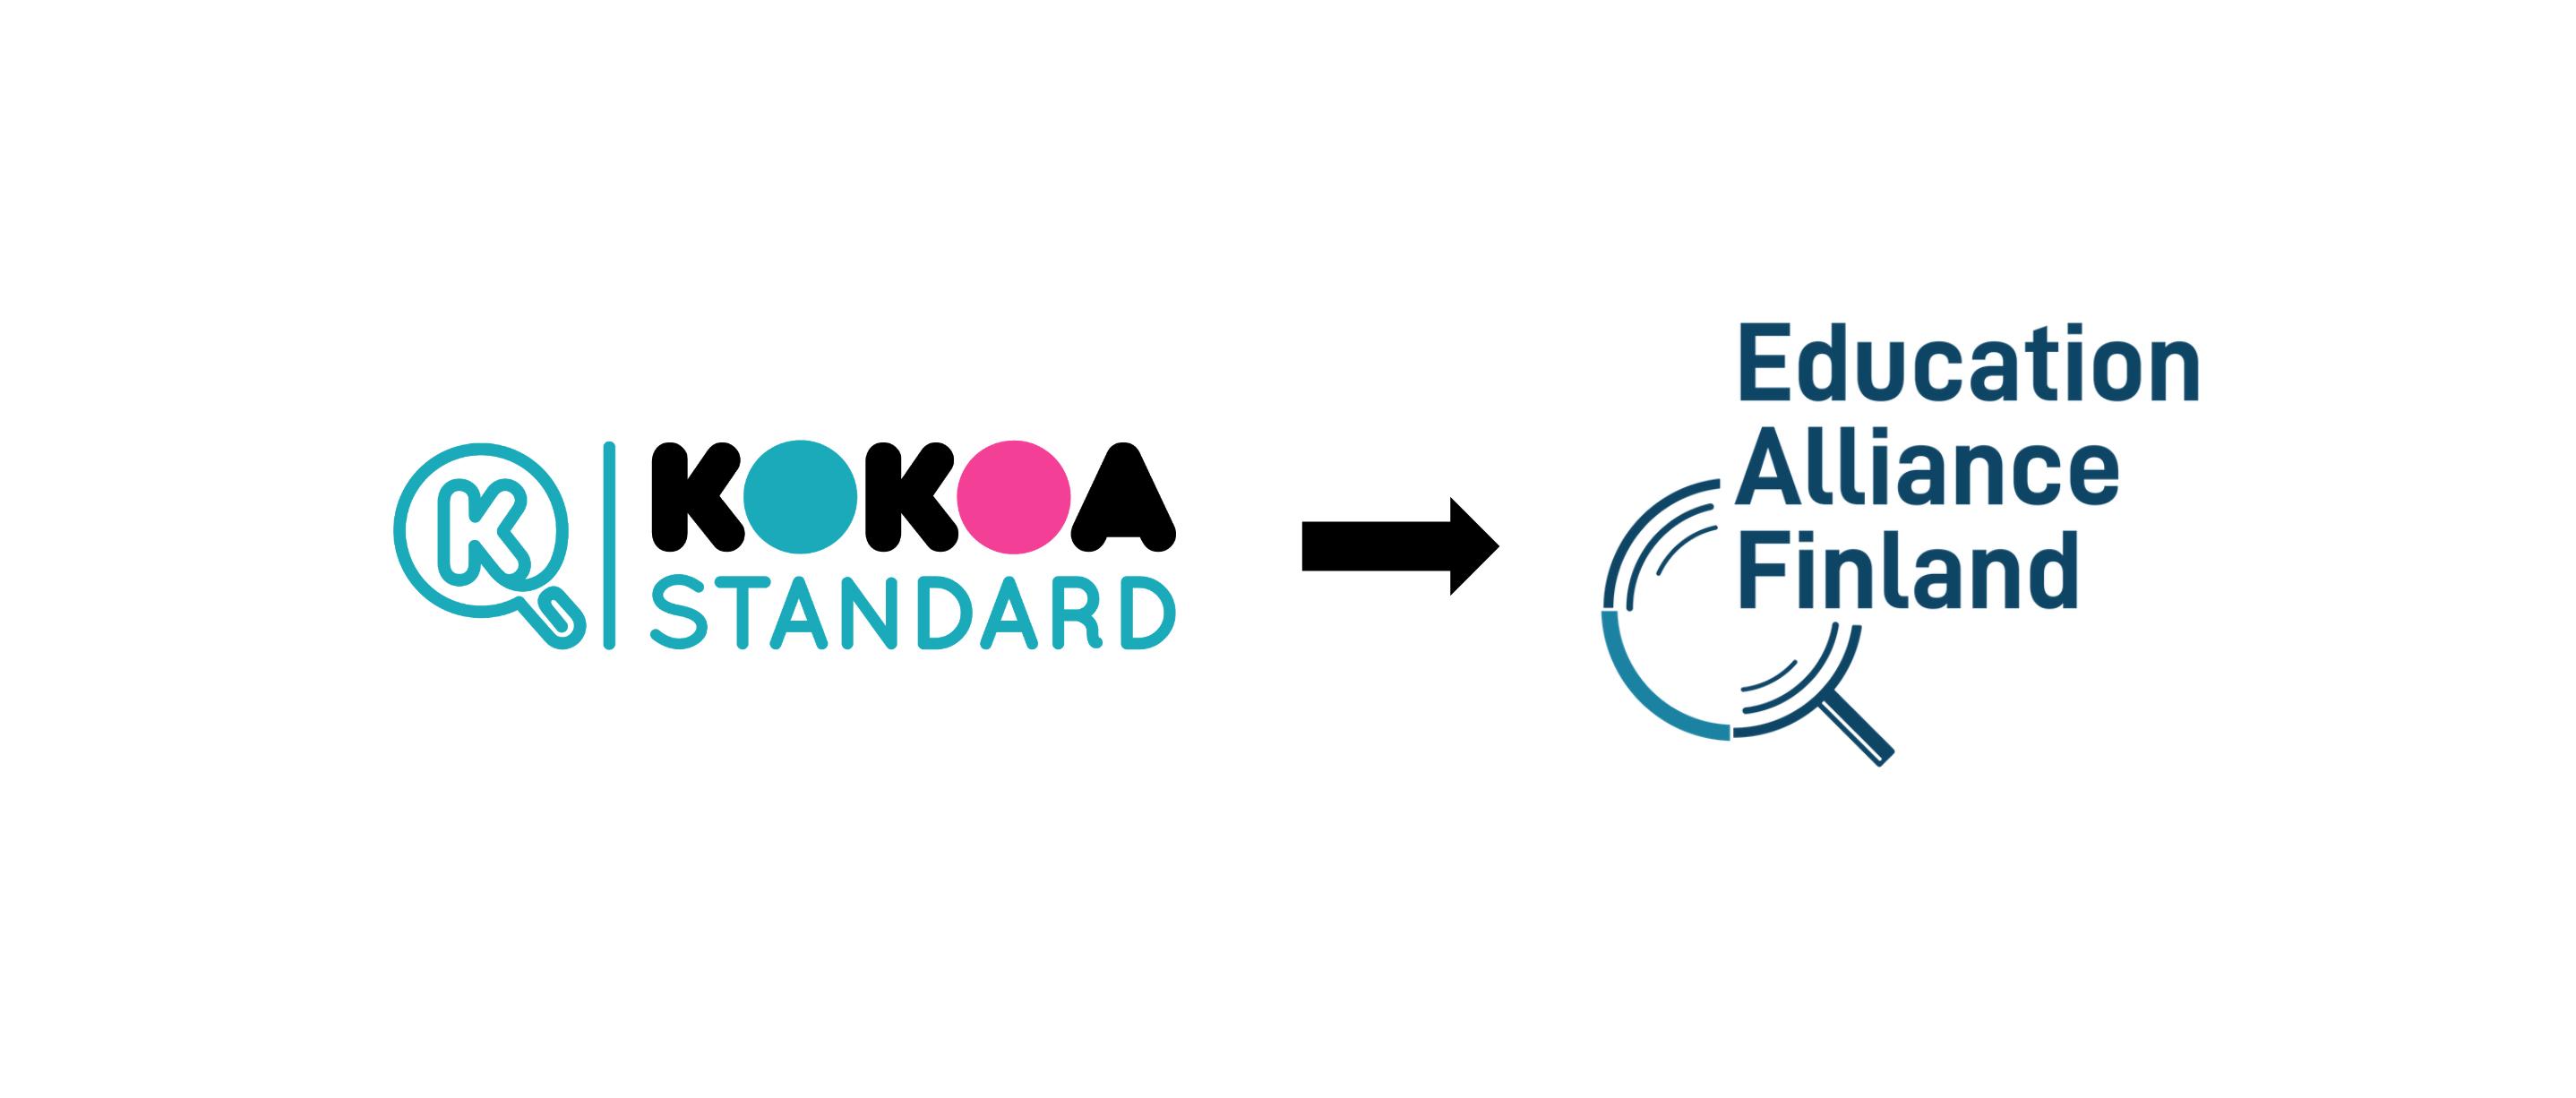 edtech uutiset education alliance finland